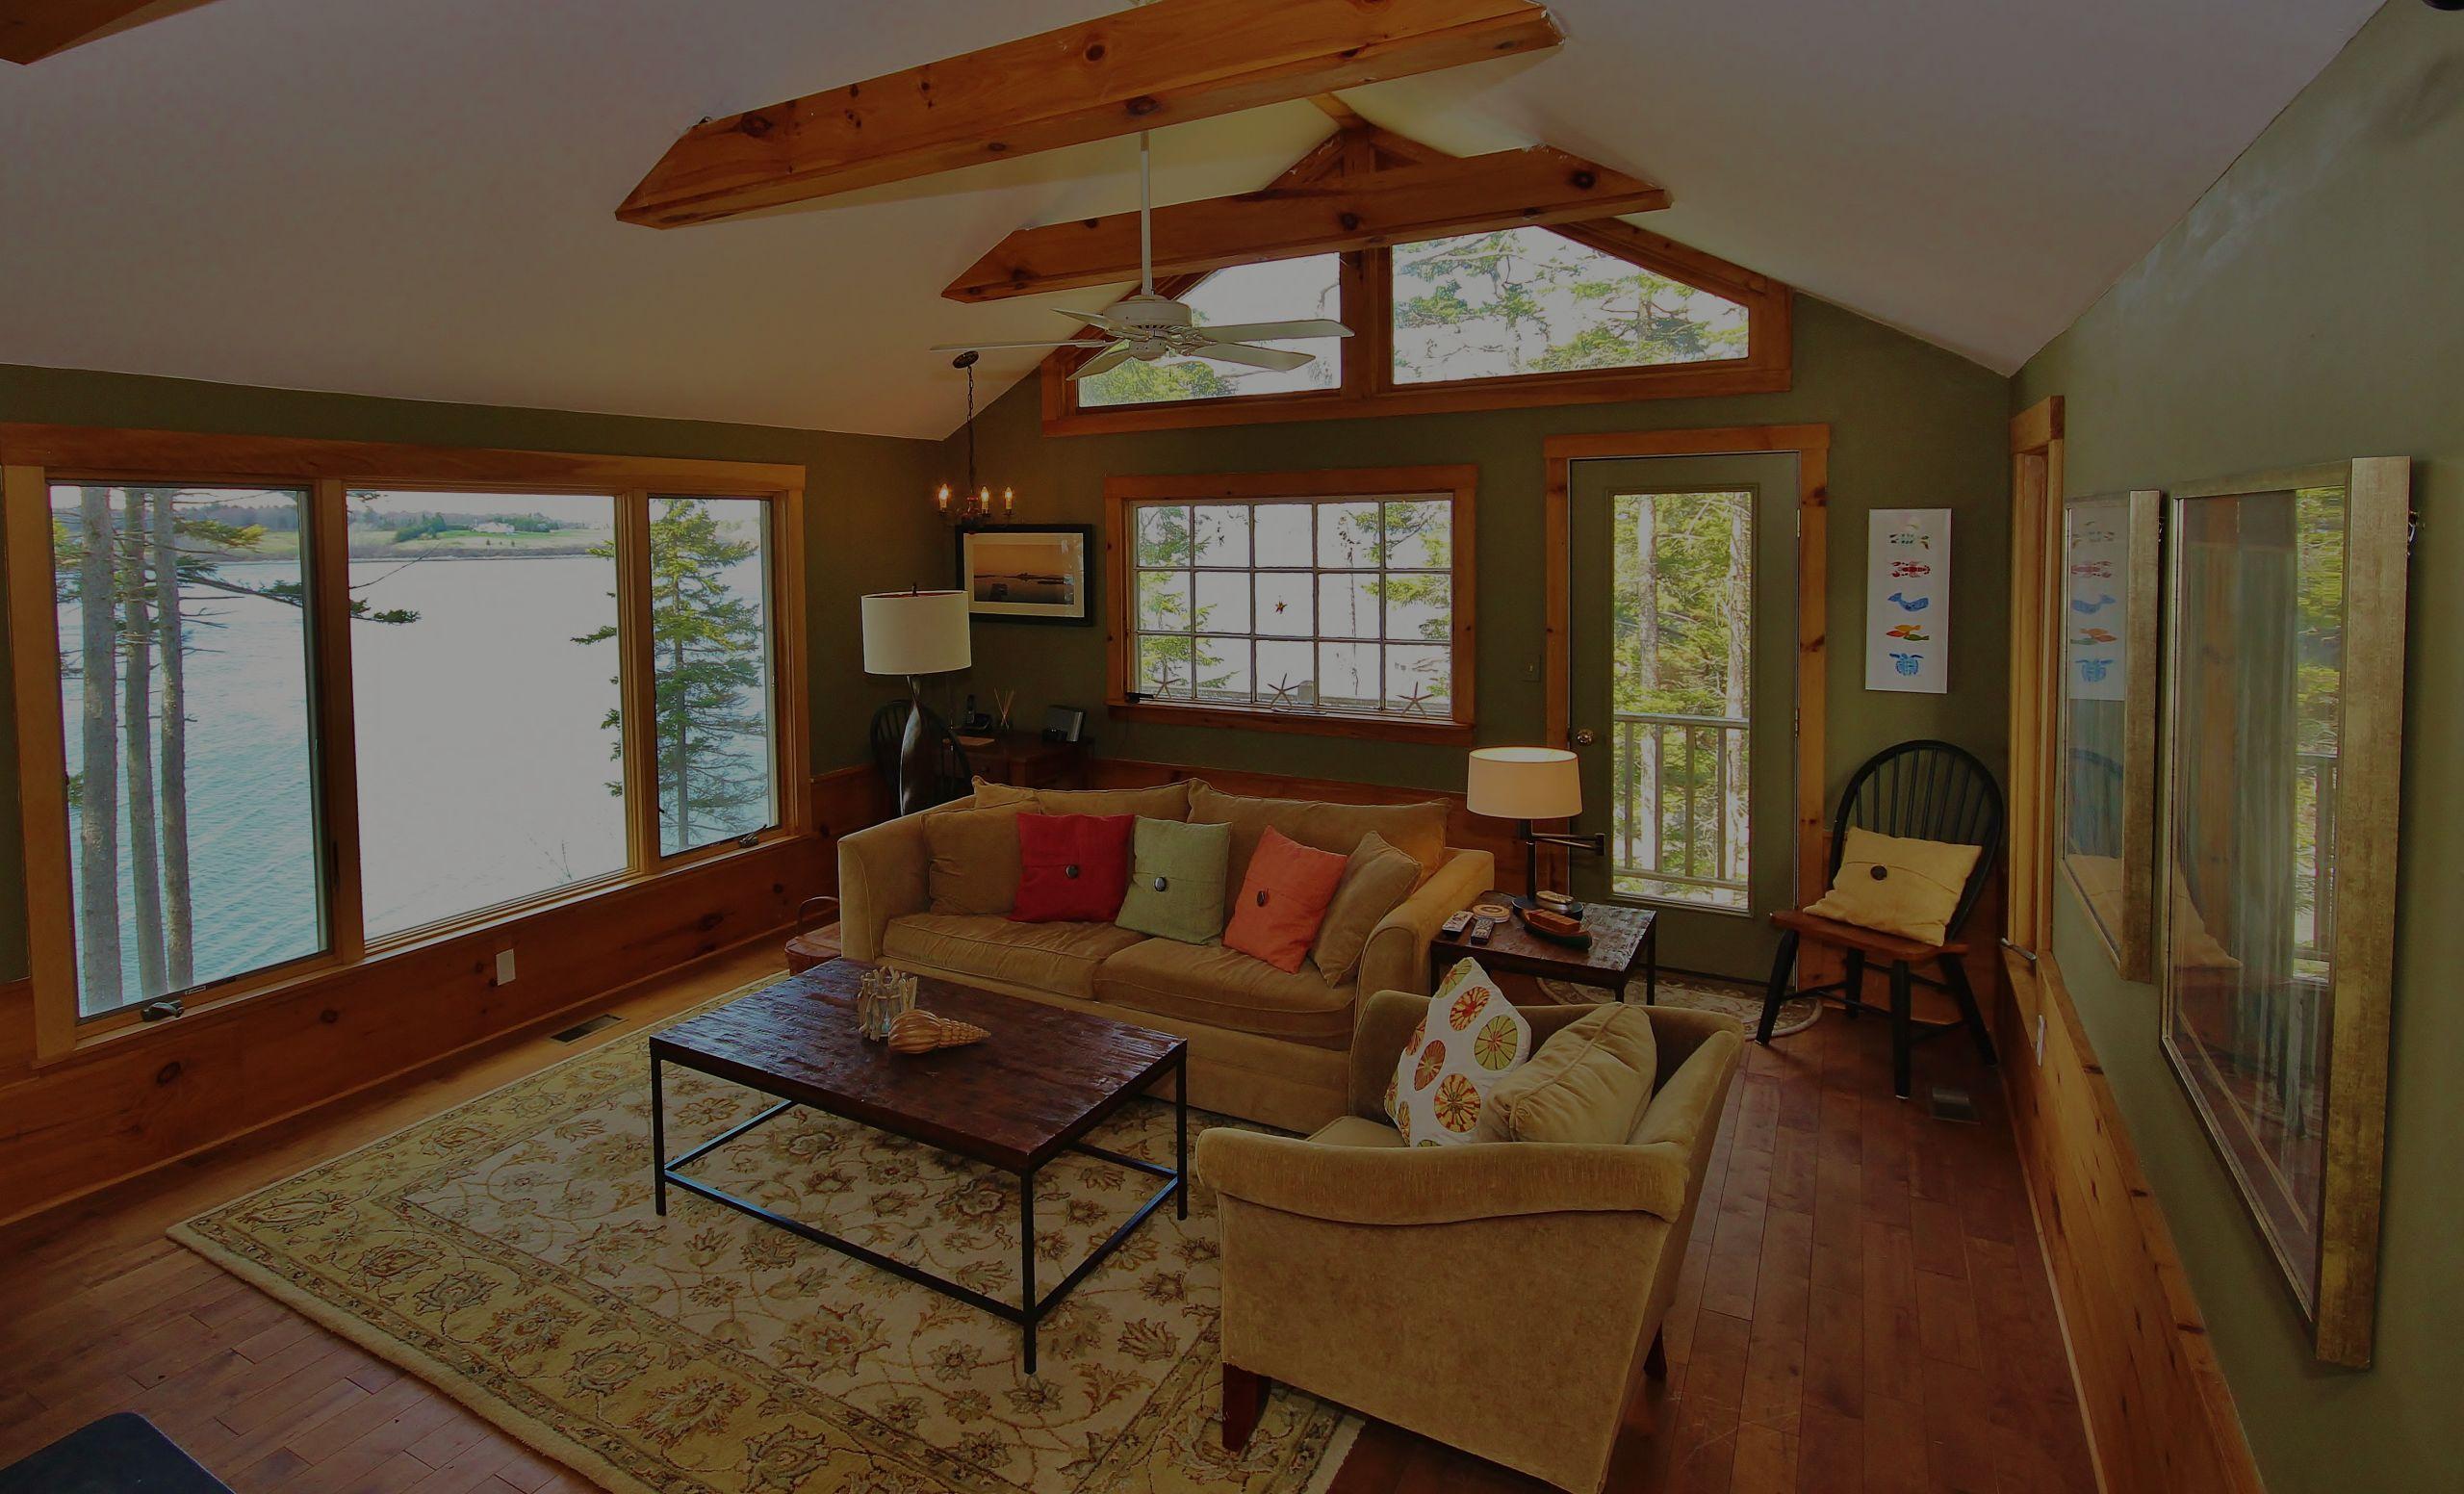 New Listing: Otis Point Cottage